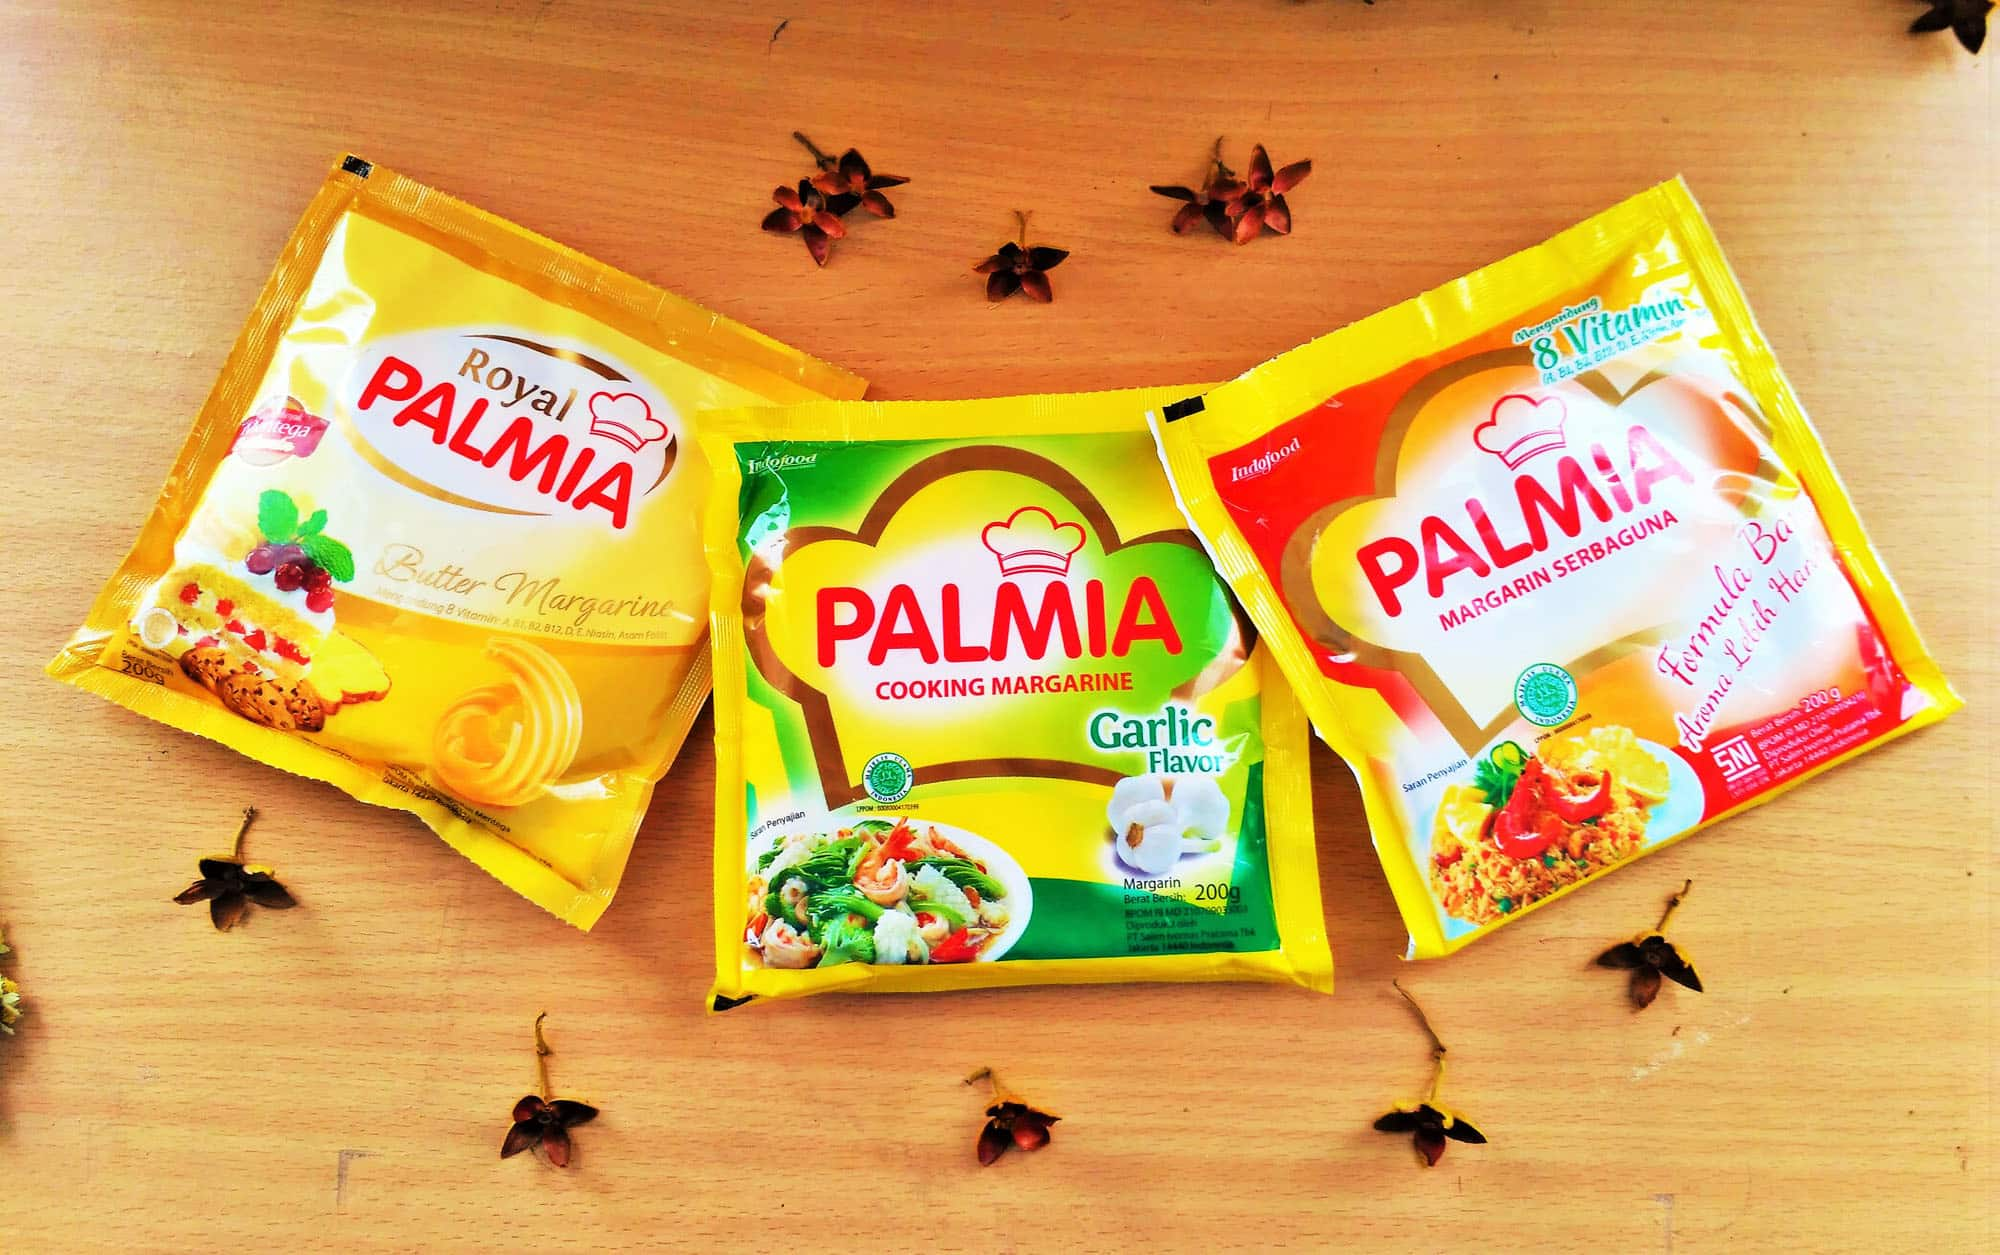 Palmia